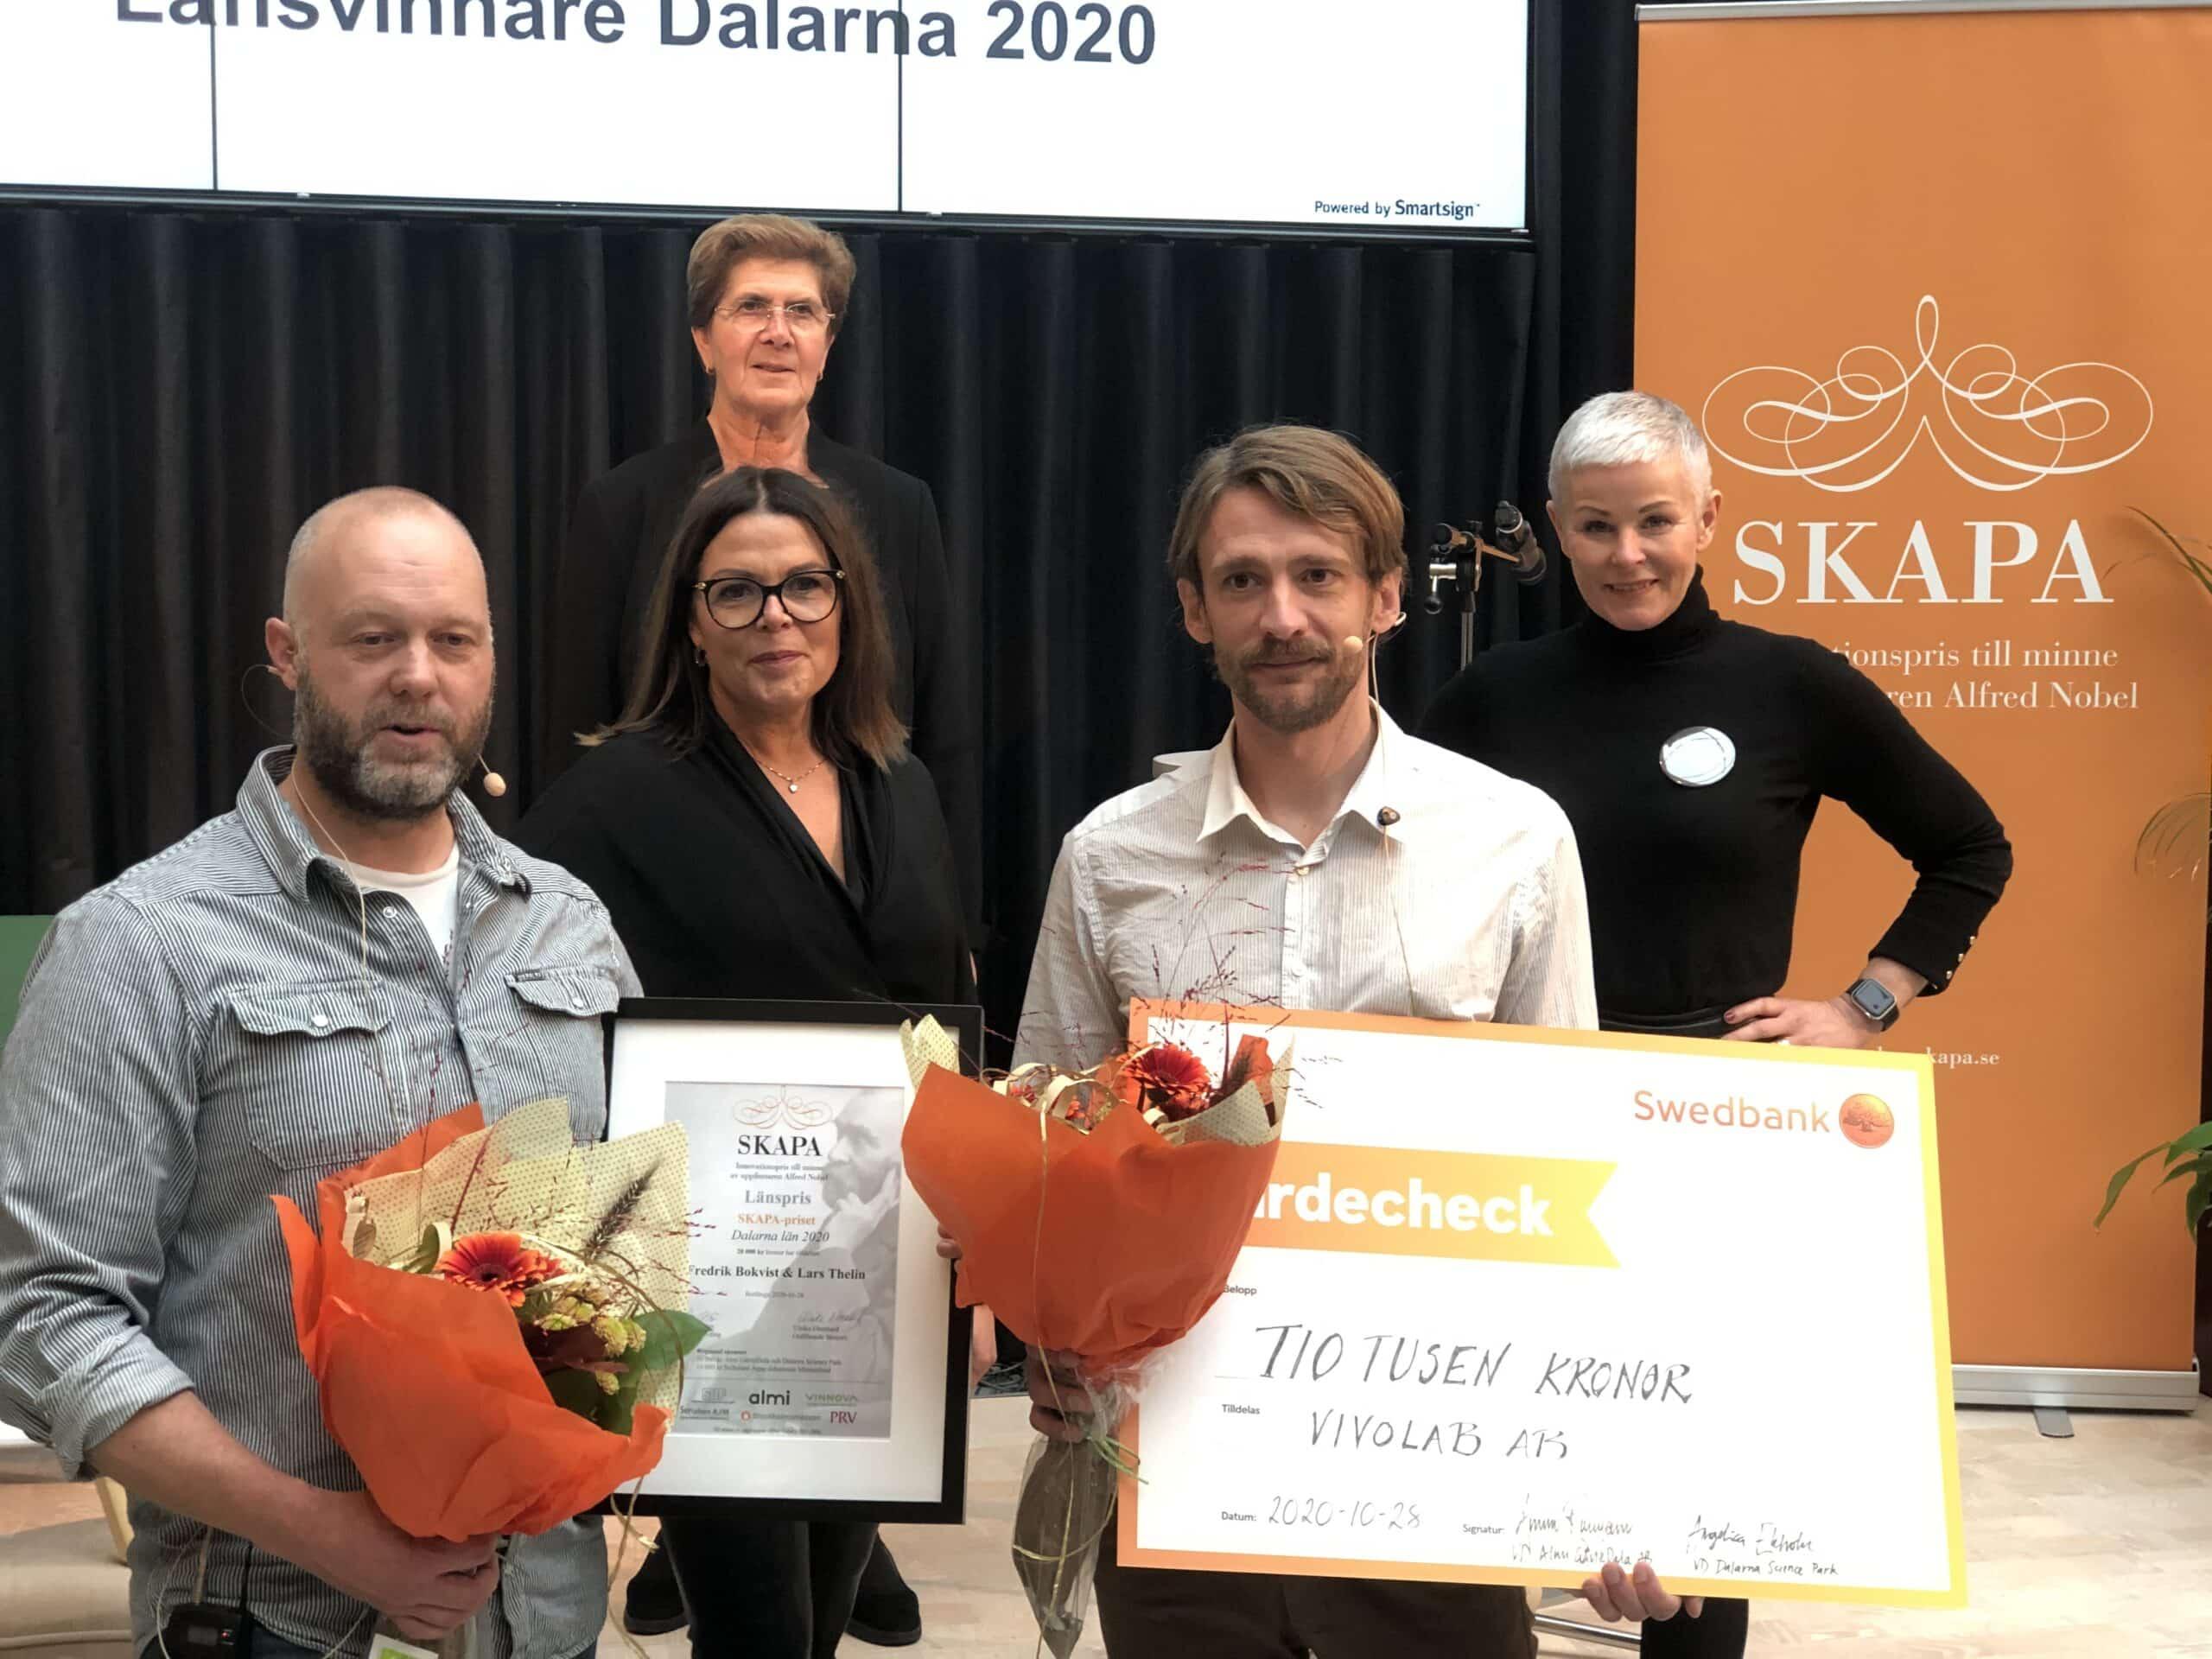 Årets SKAPA-innovatörer i Dalarna har fokus på framtidens hälsa